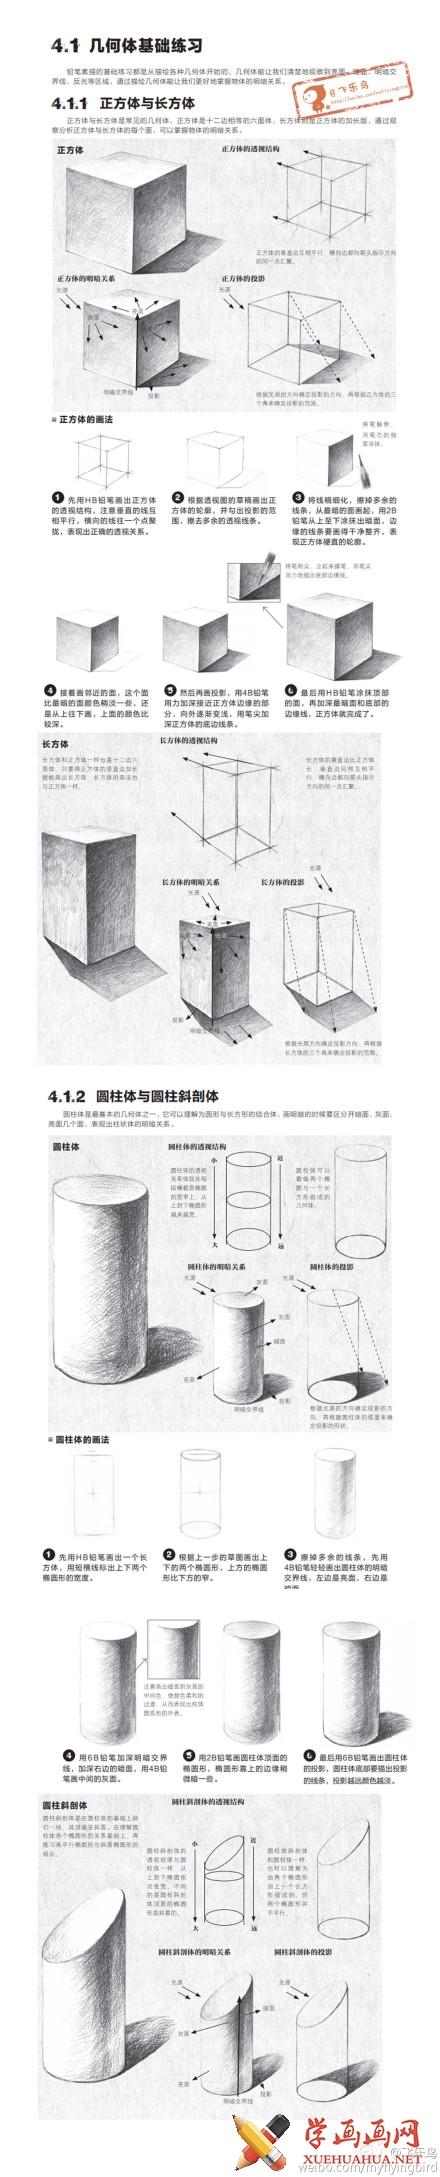 素描石膏几何体画法教程(1)